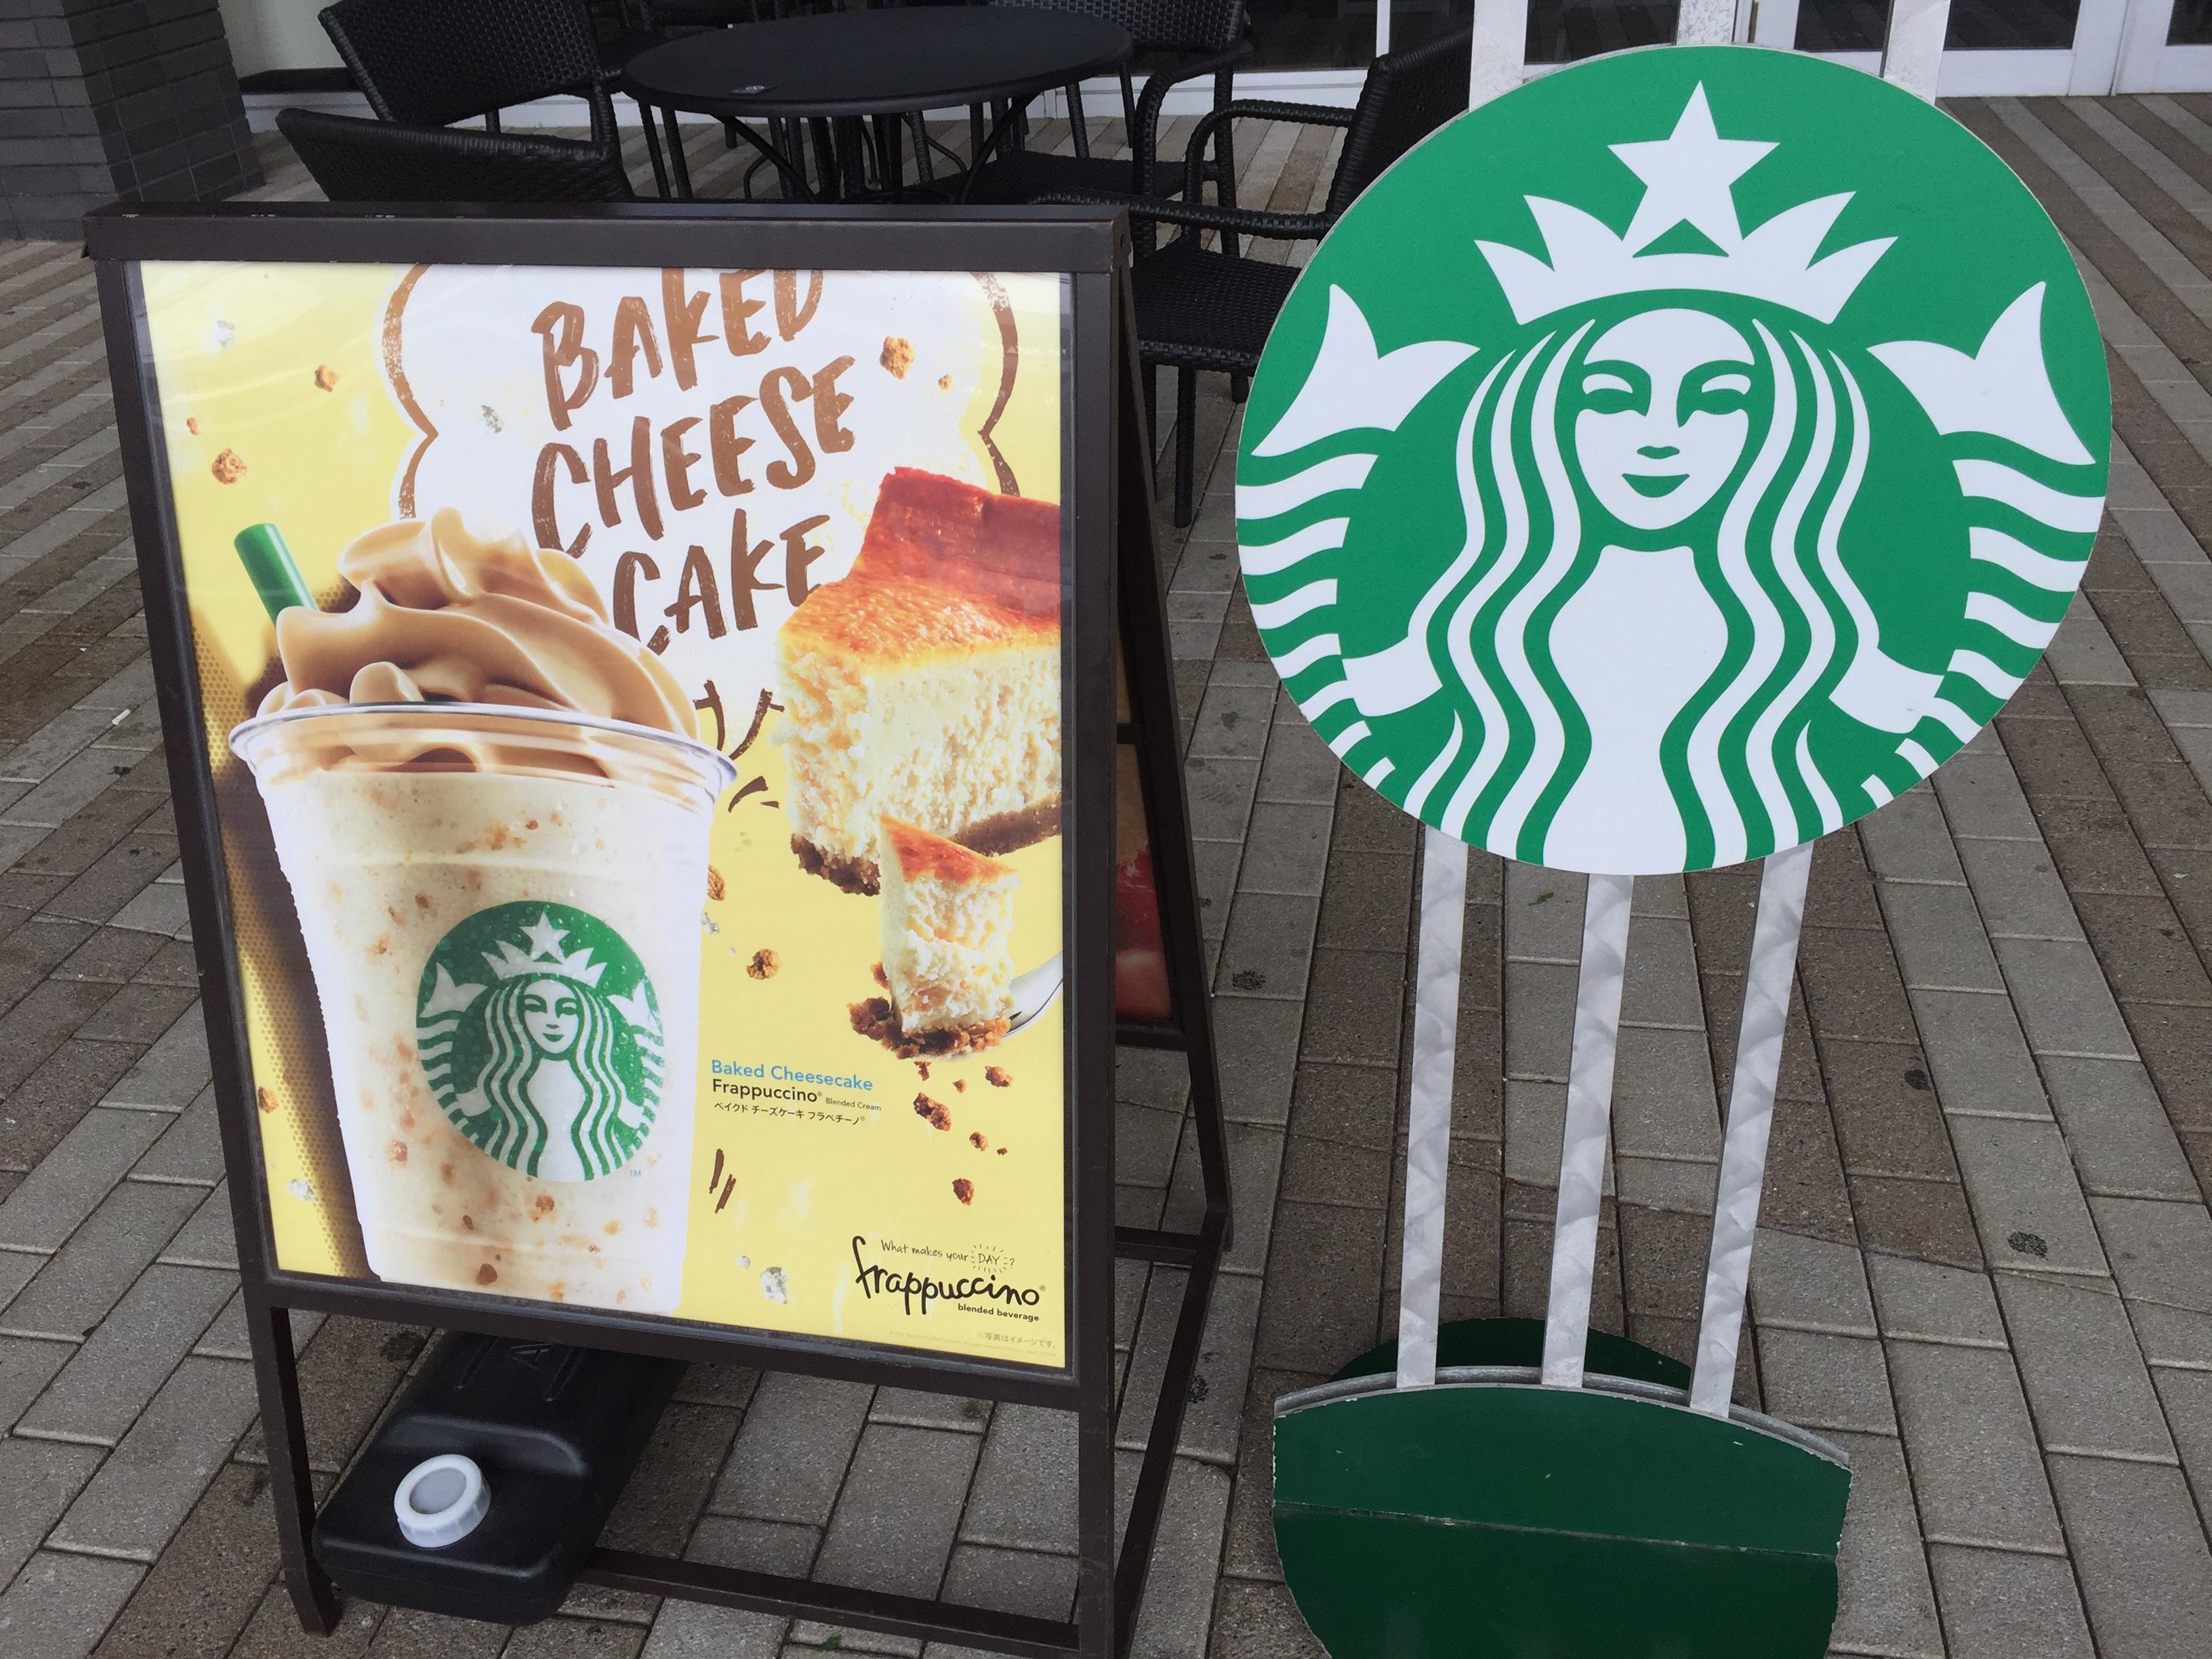 東灘・御影クラッセのスターバックスは朝カフェがおすすめ ※写真レポあり※